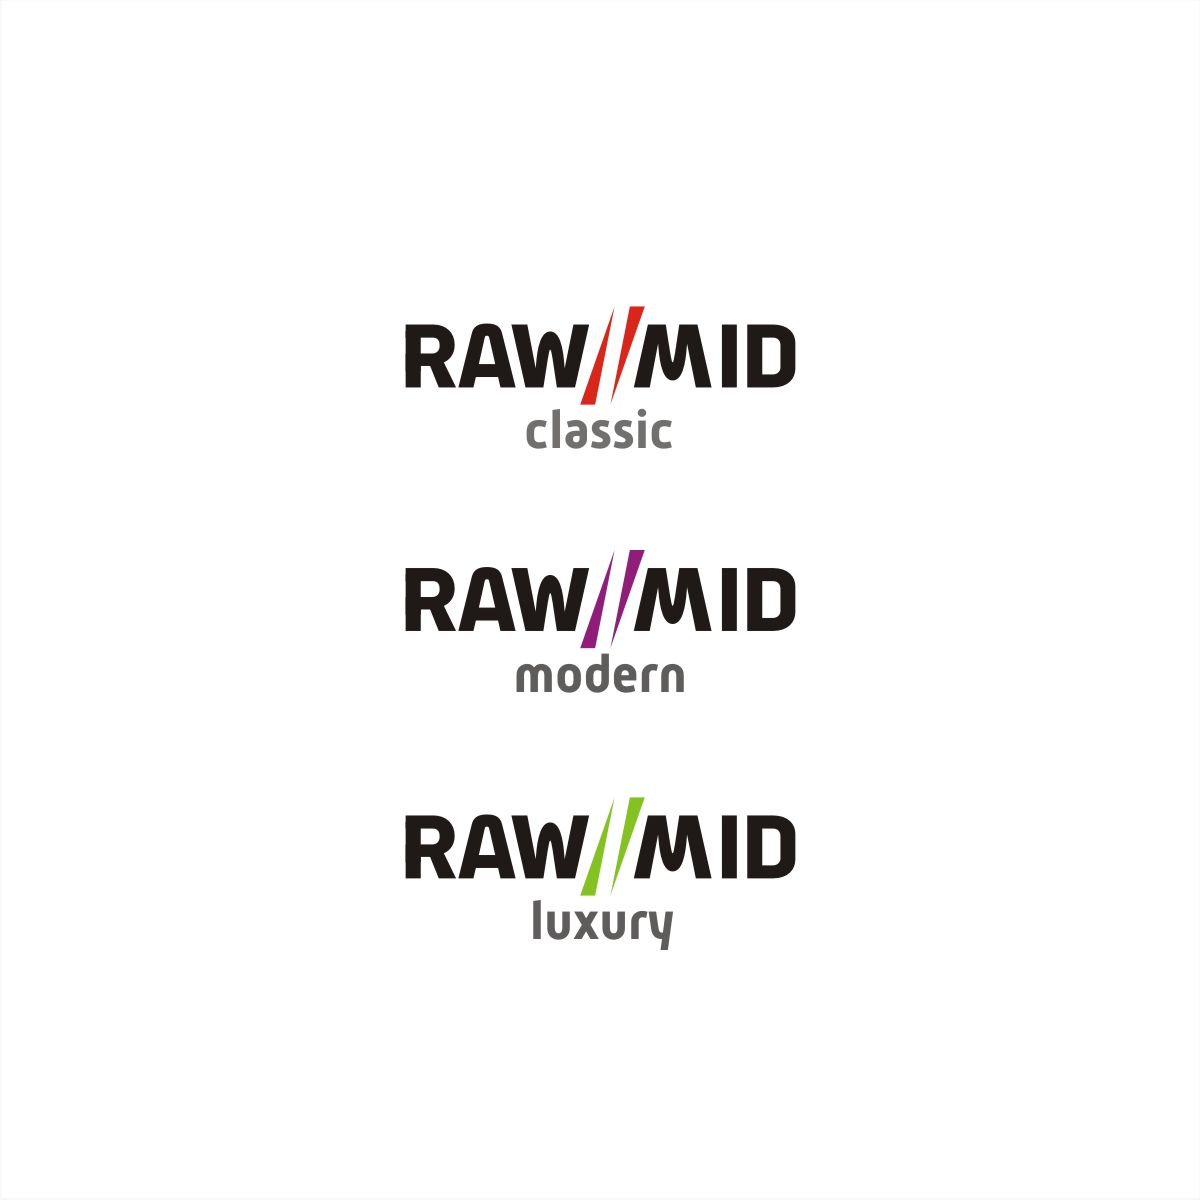 Создать логотип (буквенная часть) для бренда бытовой техники фото f_2475b33994dd76b2.jpg